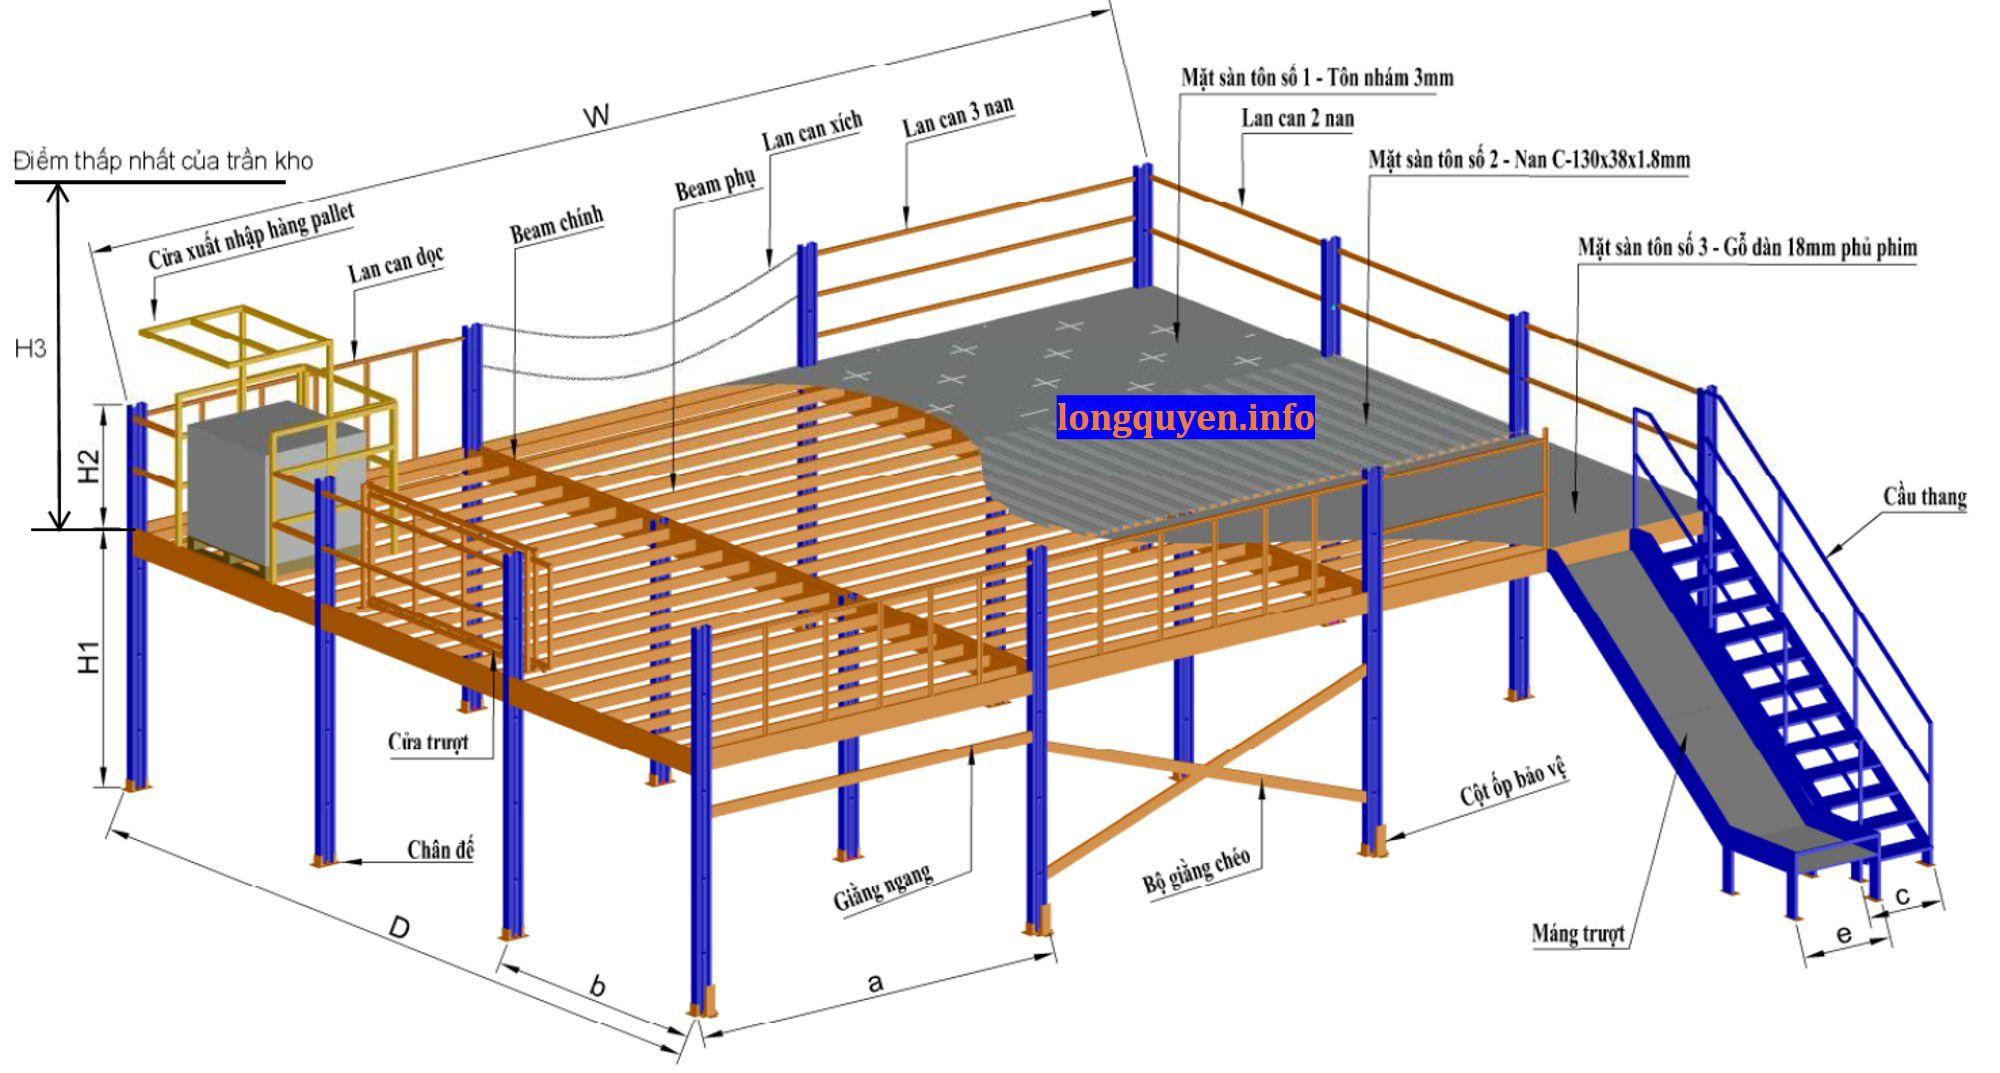 22 thông số bạn cần biết khi lắp đặt sàn tầng lửng